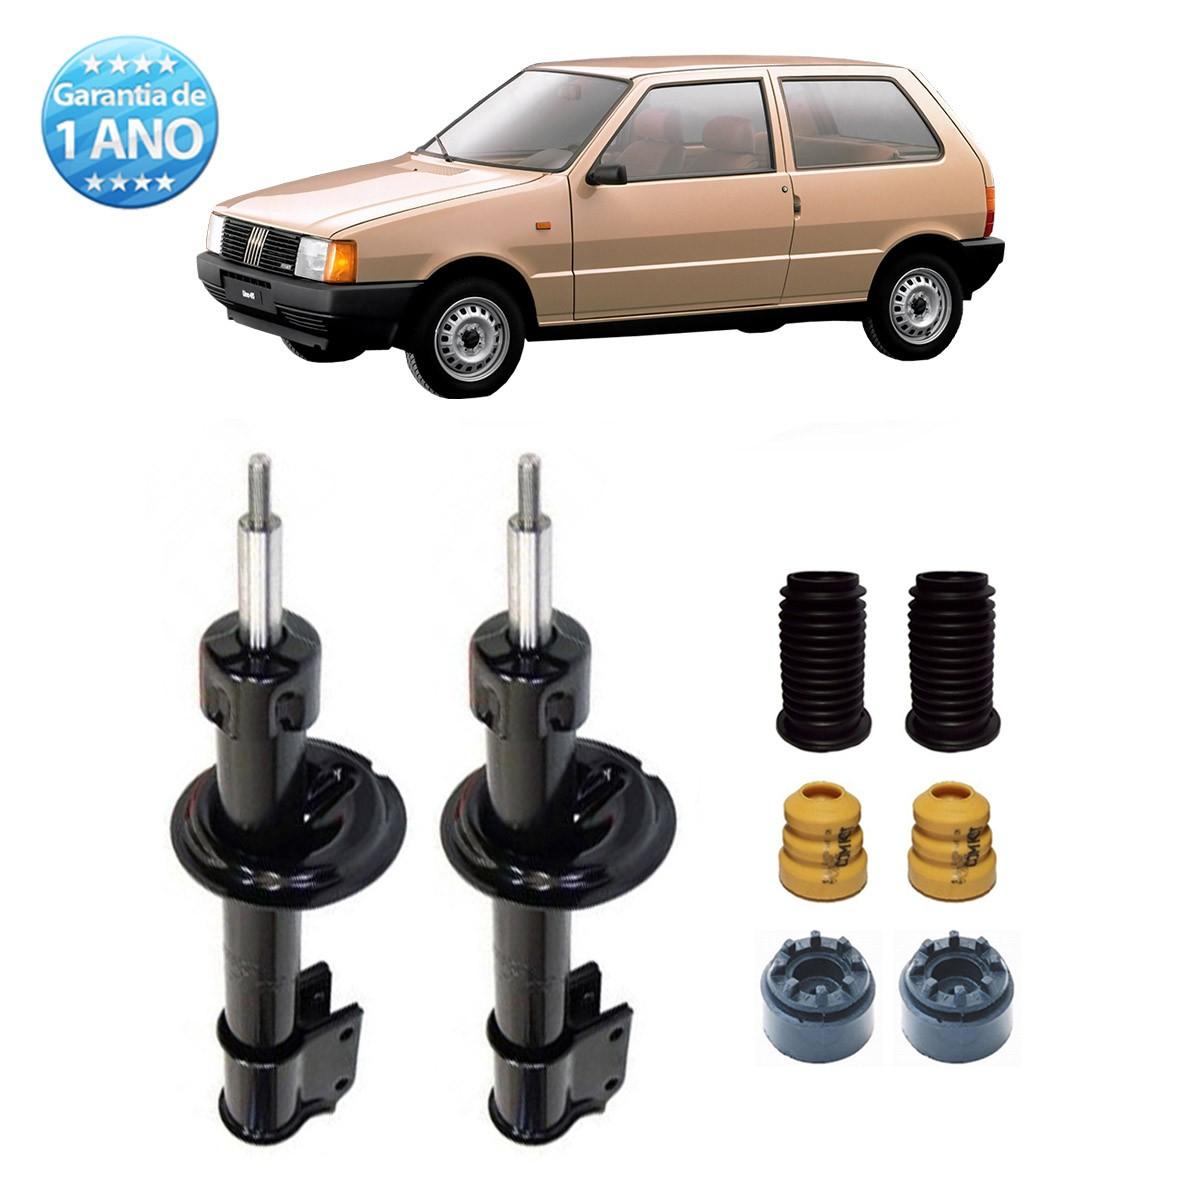 Par de Amortecedores Dianteiro Remanufaturados Fiat Uno S Cs Mille Fire 1993 Até 2004 + Kit da Suspensão